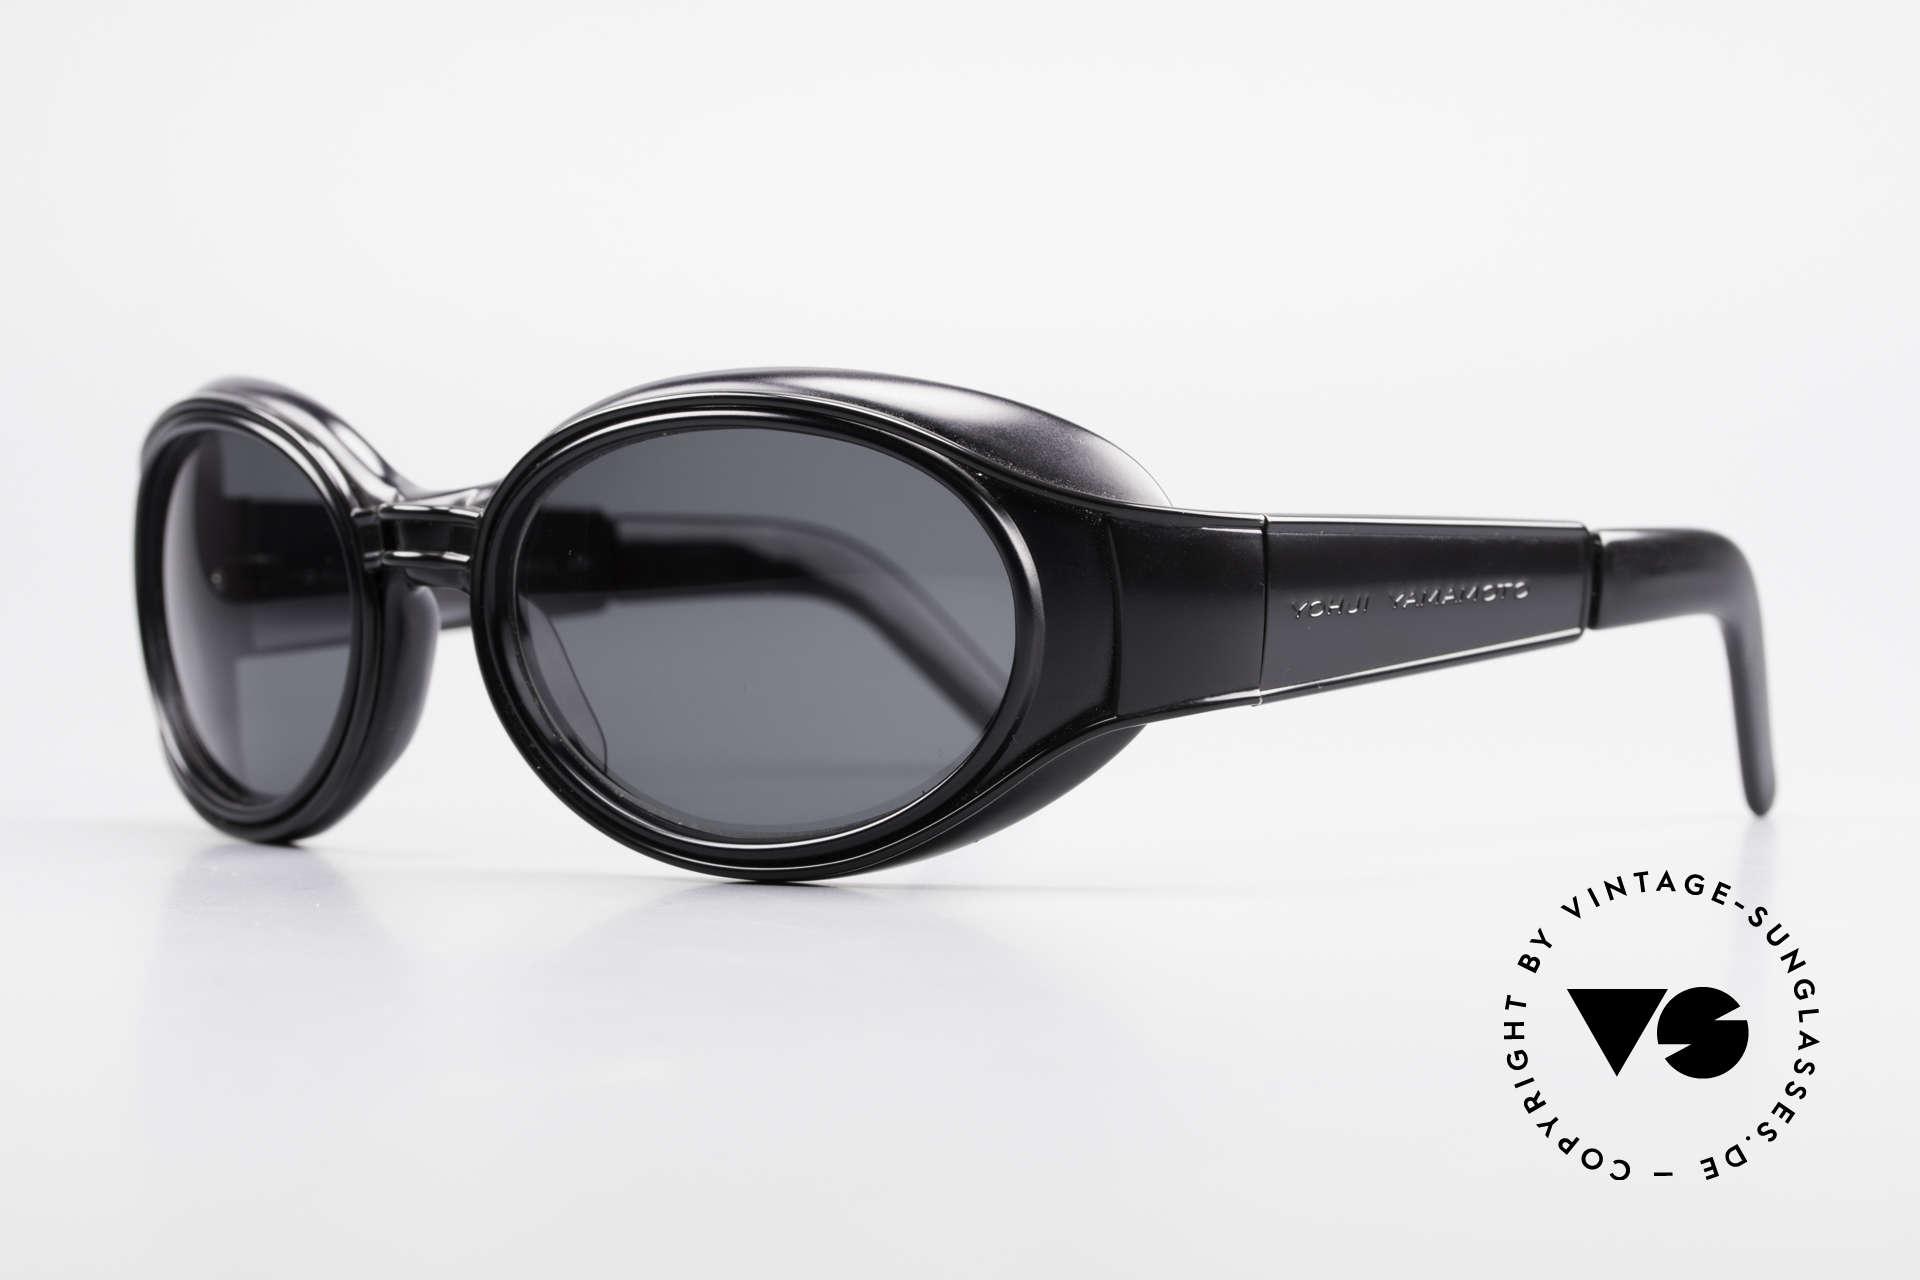 Yohji Yamamoto 52-6202 Sportliche XL Sonnenbrille, dennoch sehr sportlich & in XL-Größe (149mm breit), Passend für Herren und Damen